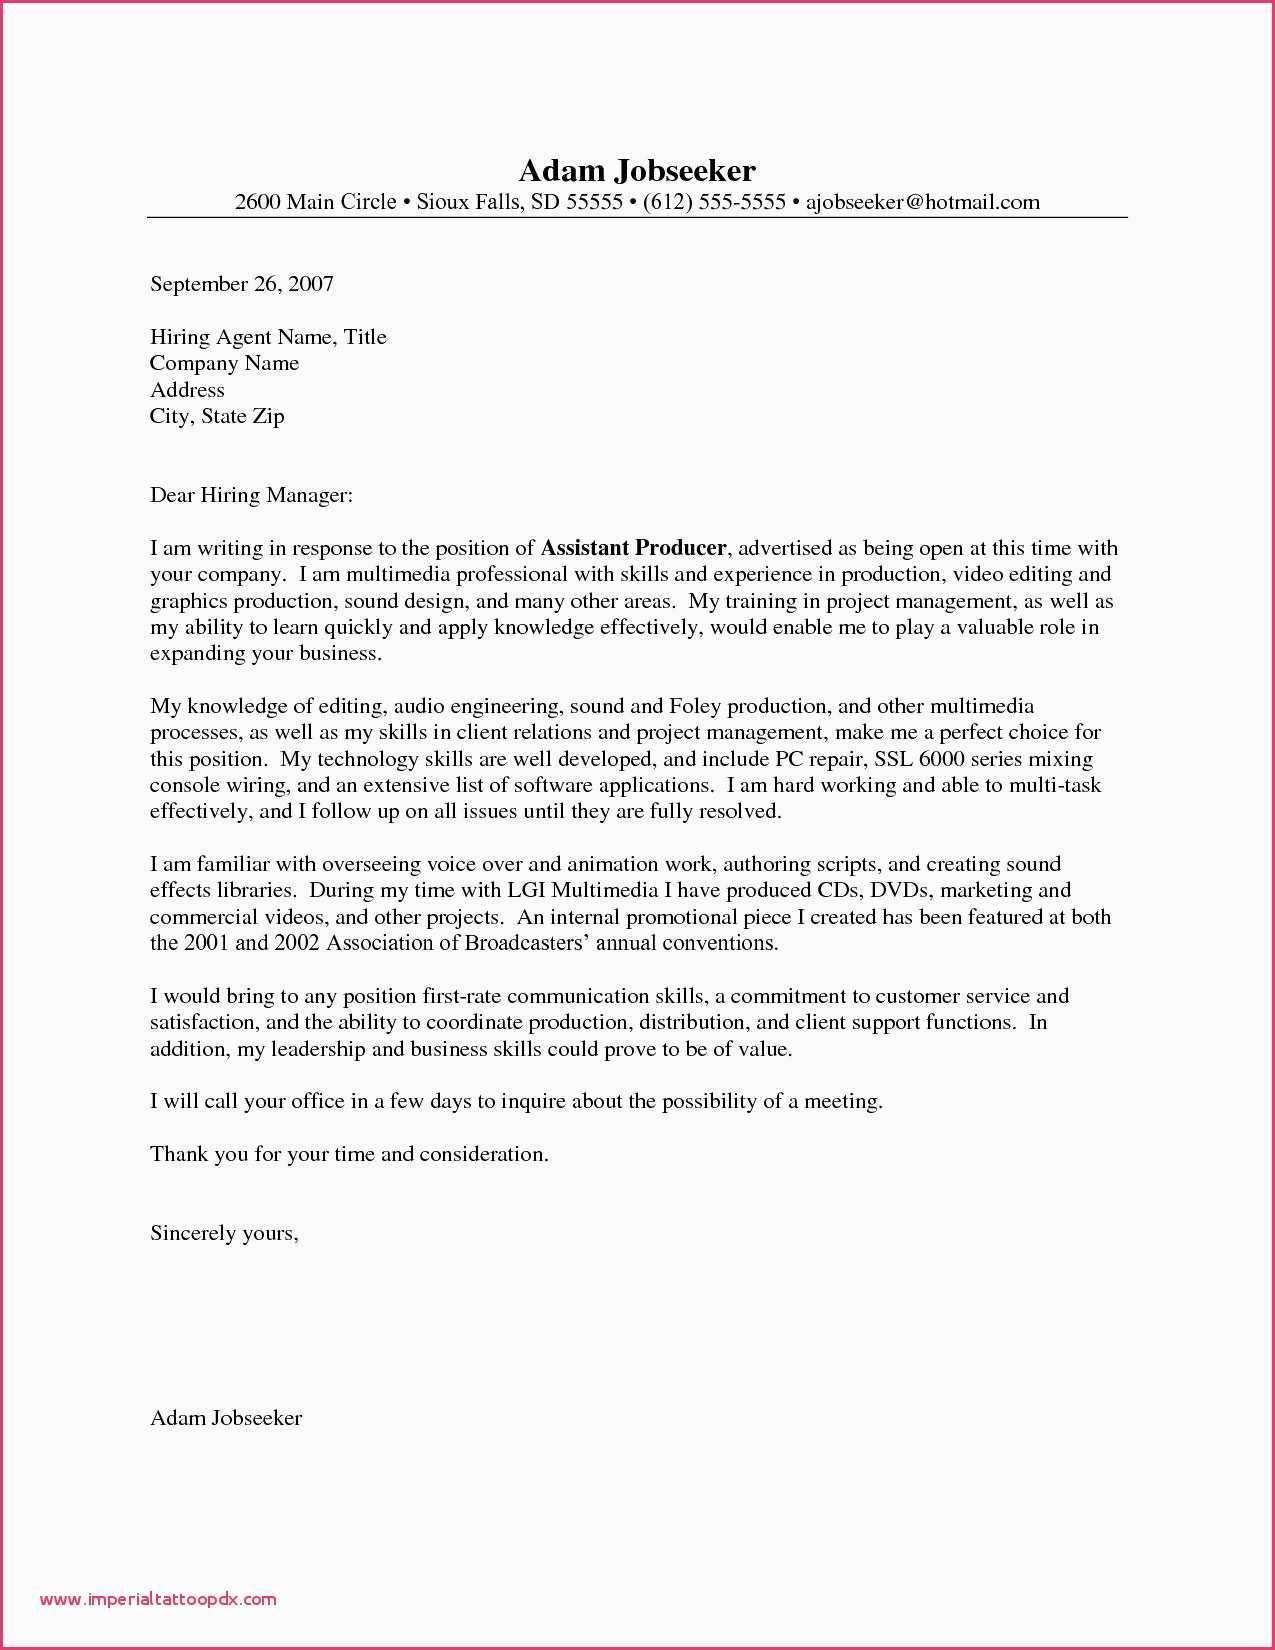 27 Medical Assistant Cover Letter Sample Cover Letter For Resume Resume Cover Letter Examples Job Cover Letter